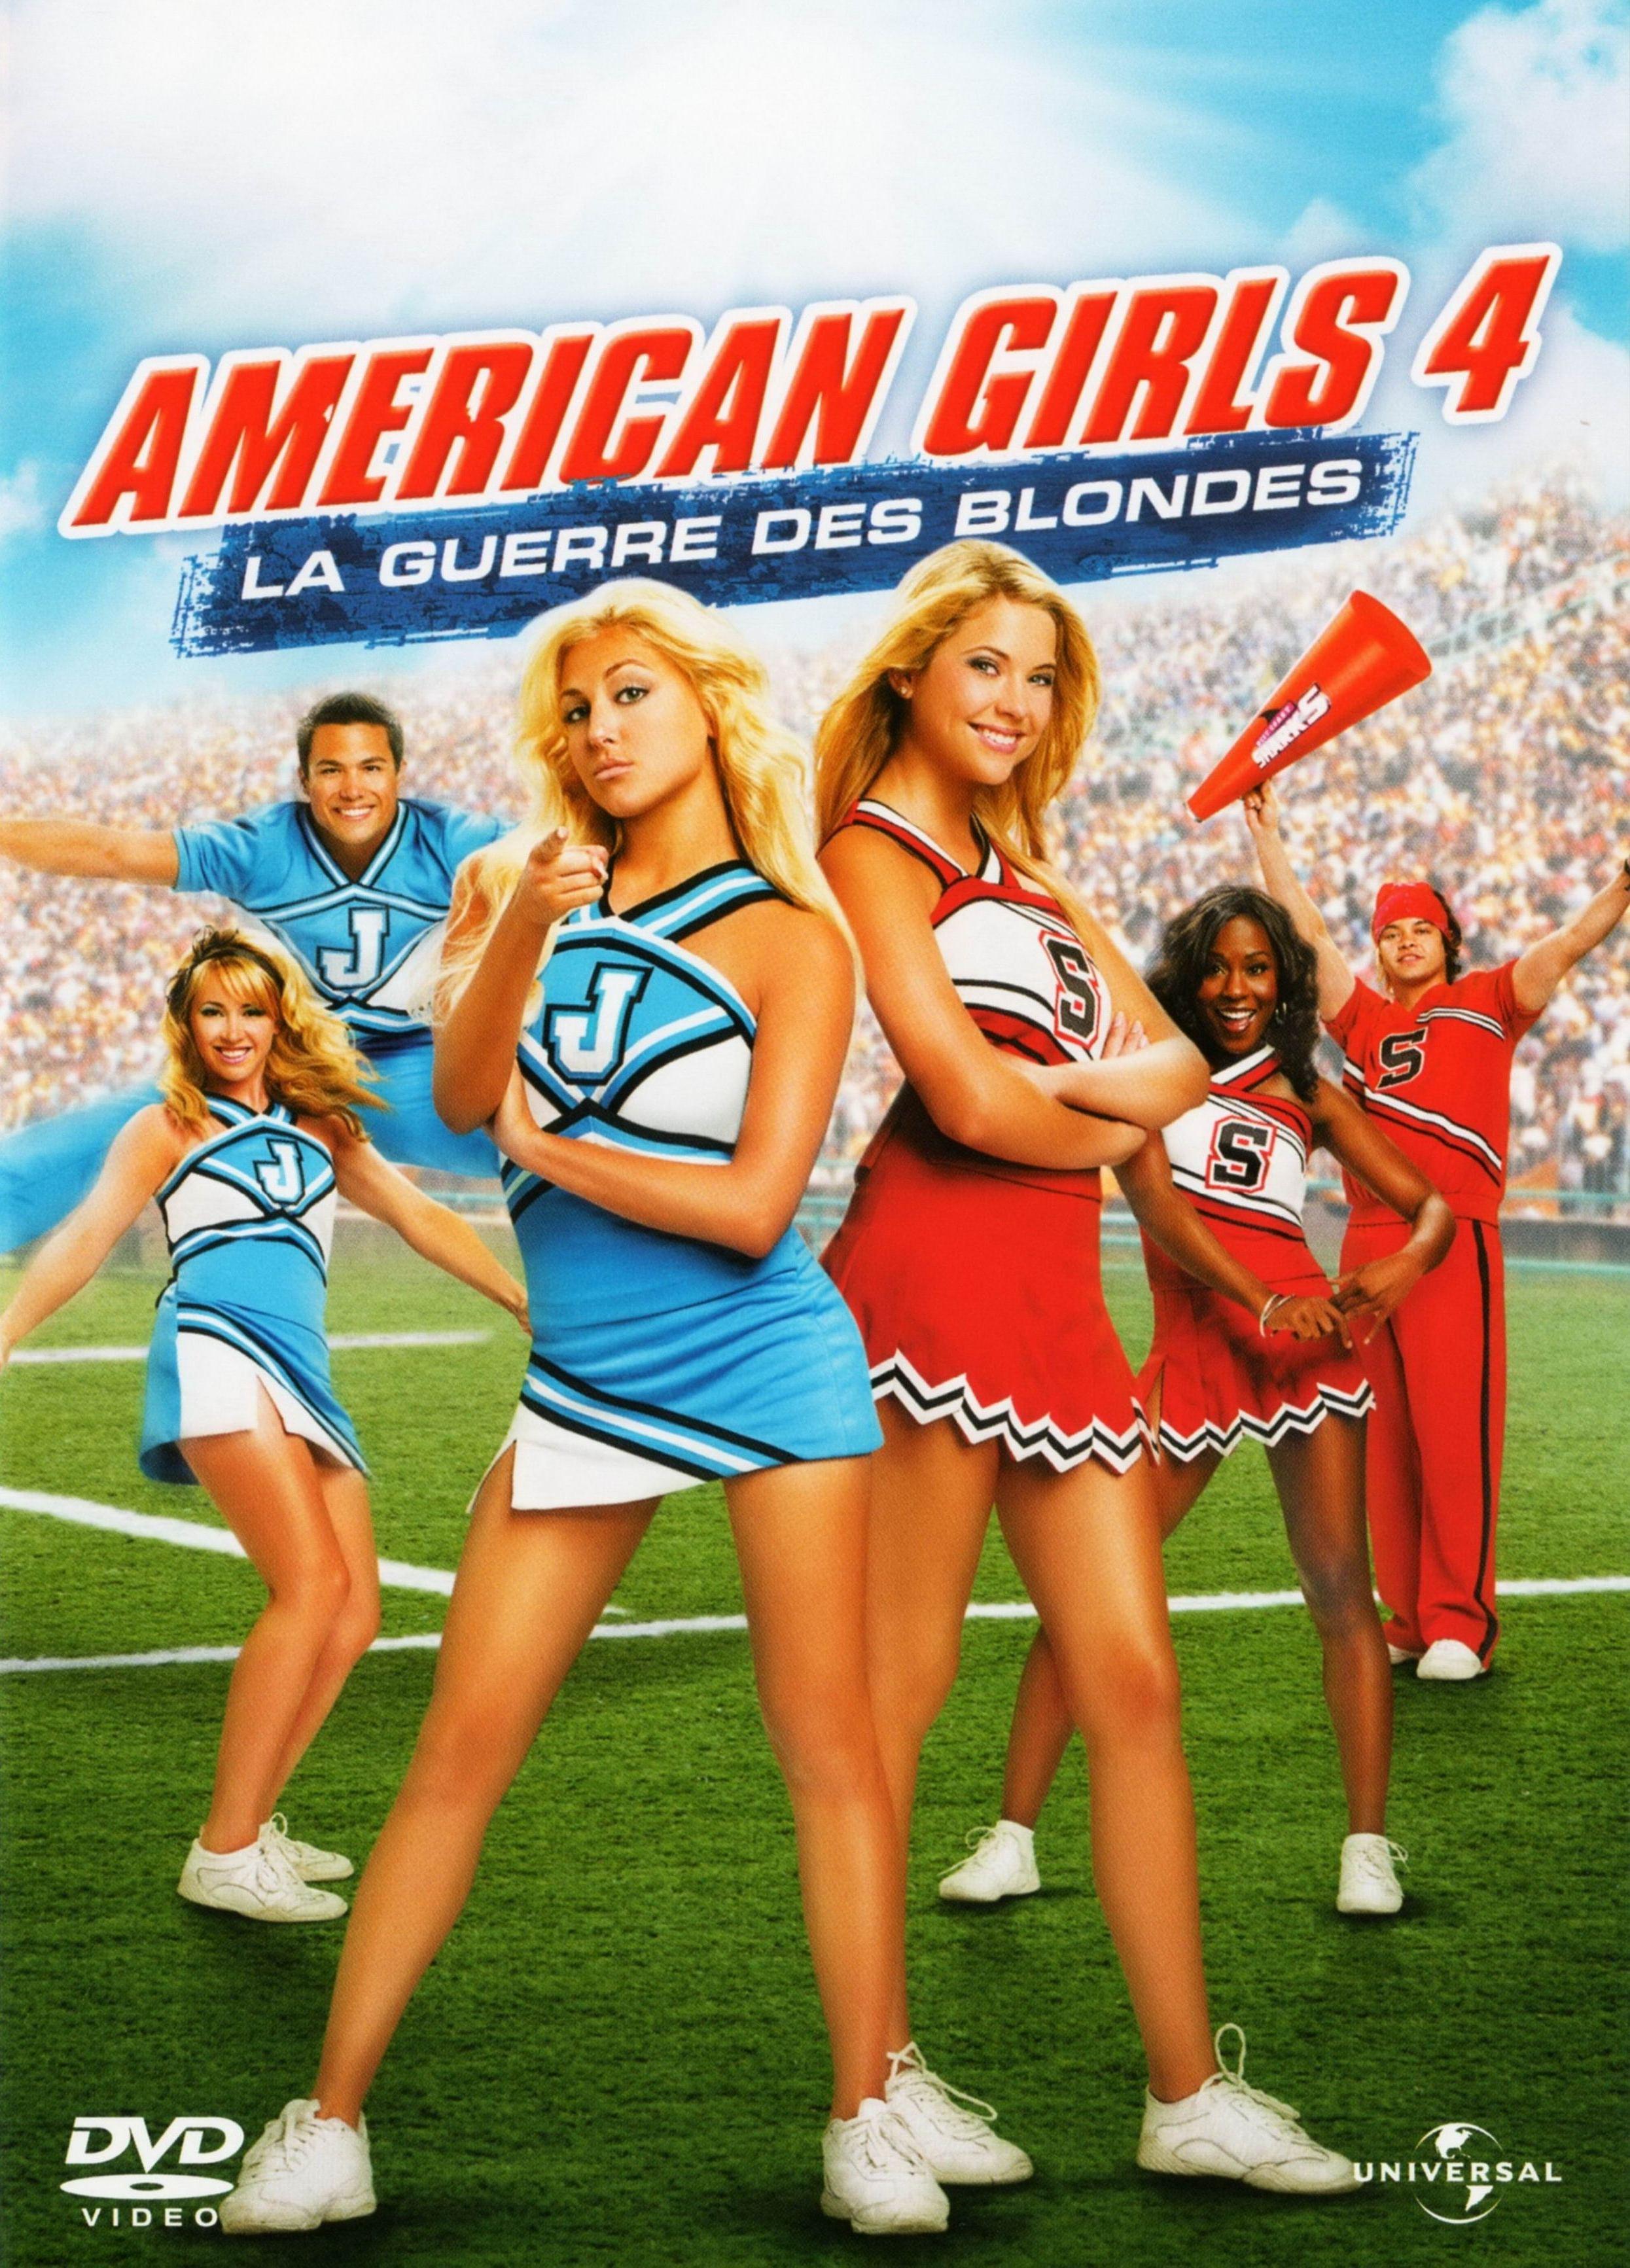 affiche du film American Girls 4 : La guerre des blondes